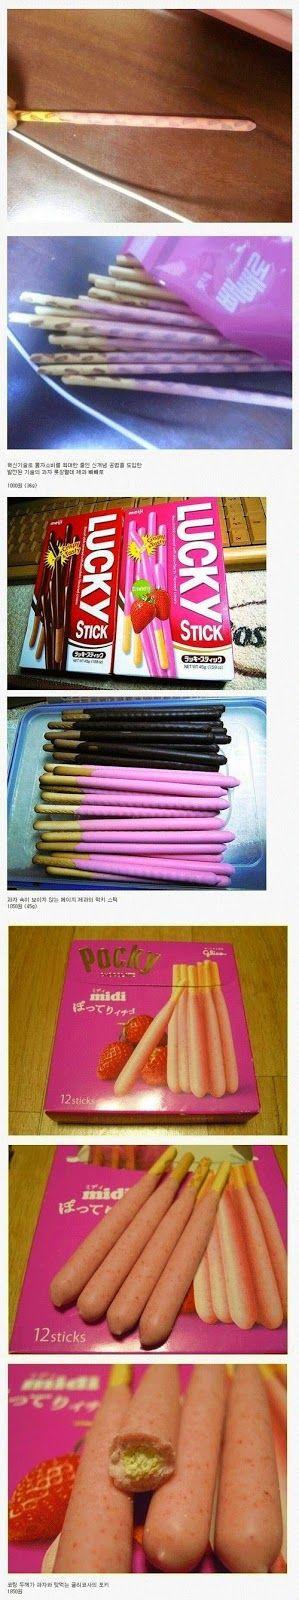 ちゃんねるにゅーす+1: 【韓国】 ロッテ製菓の過剰な商法が嘲笑のネタに 2ch「韓国人はパッケージのデザインも出来ないのか」...